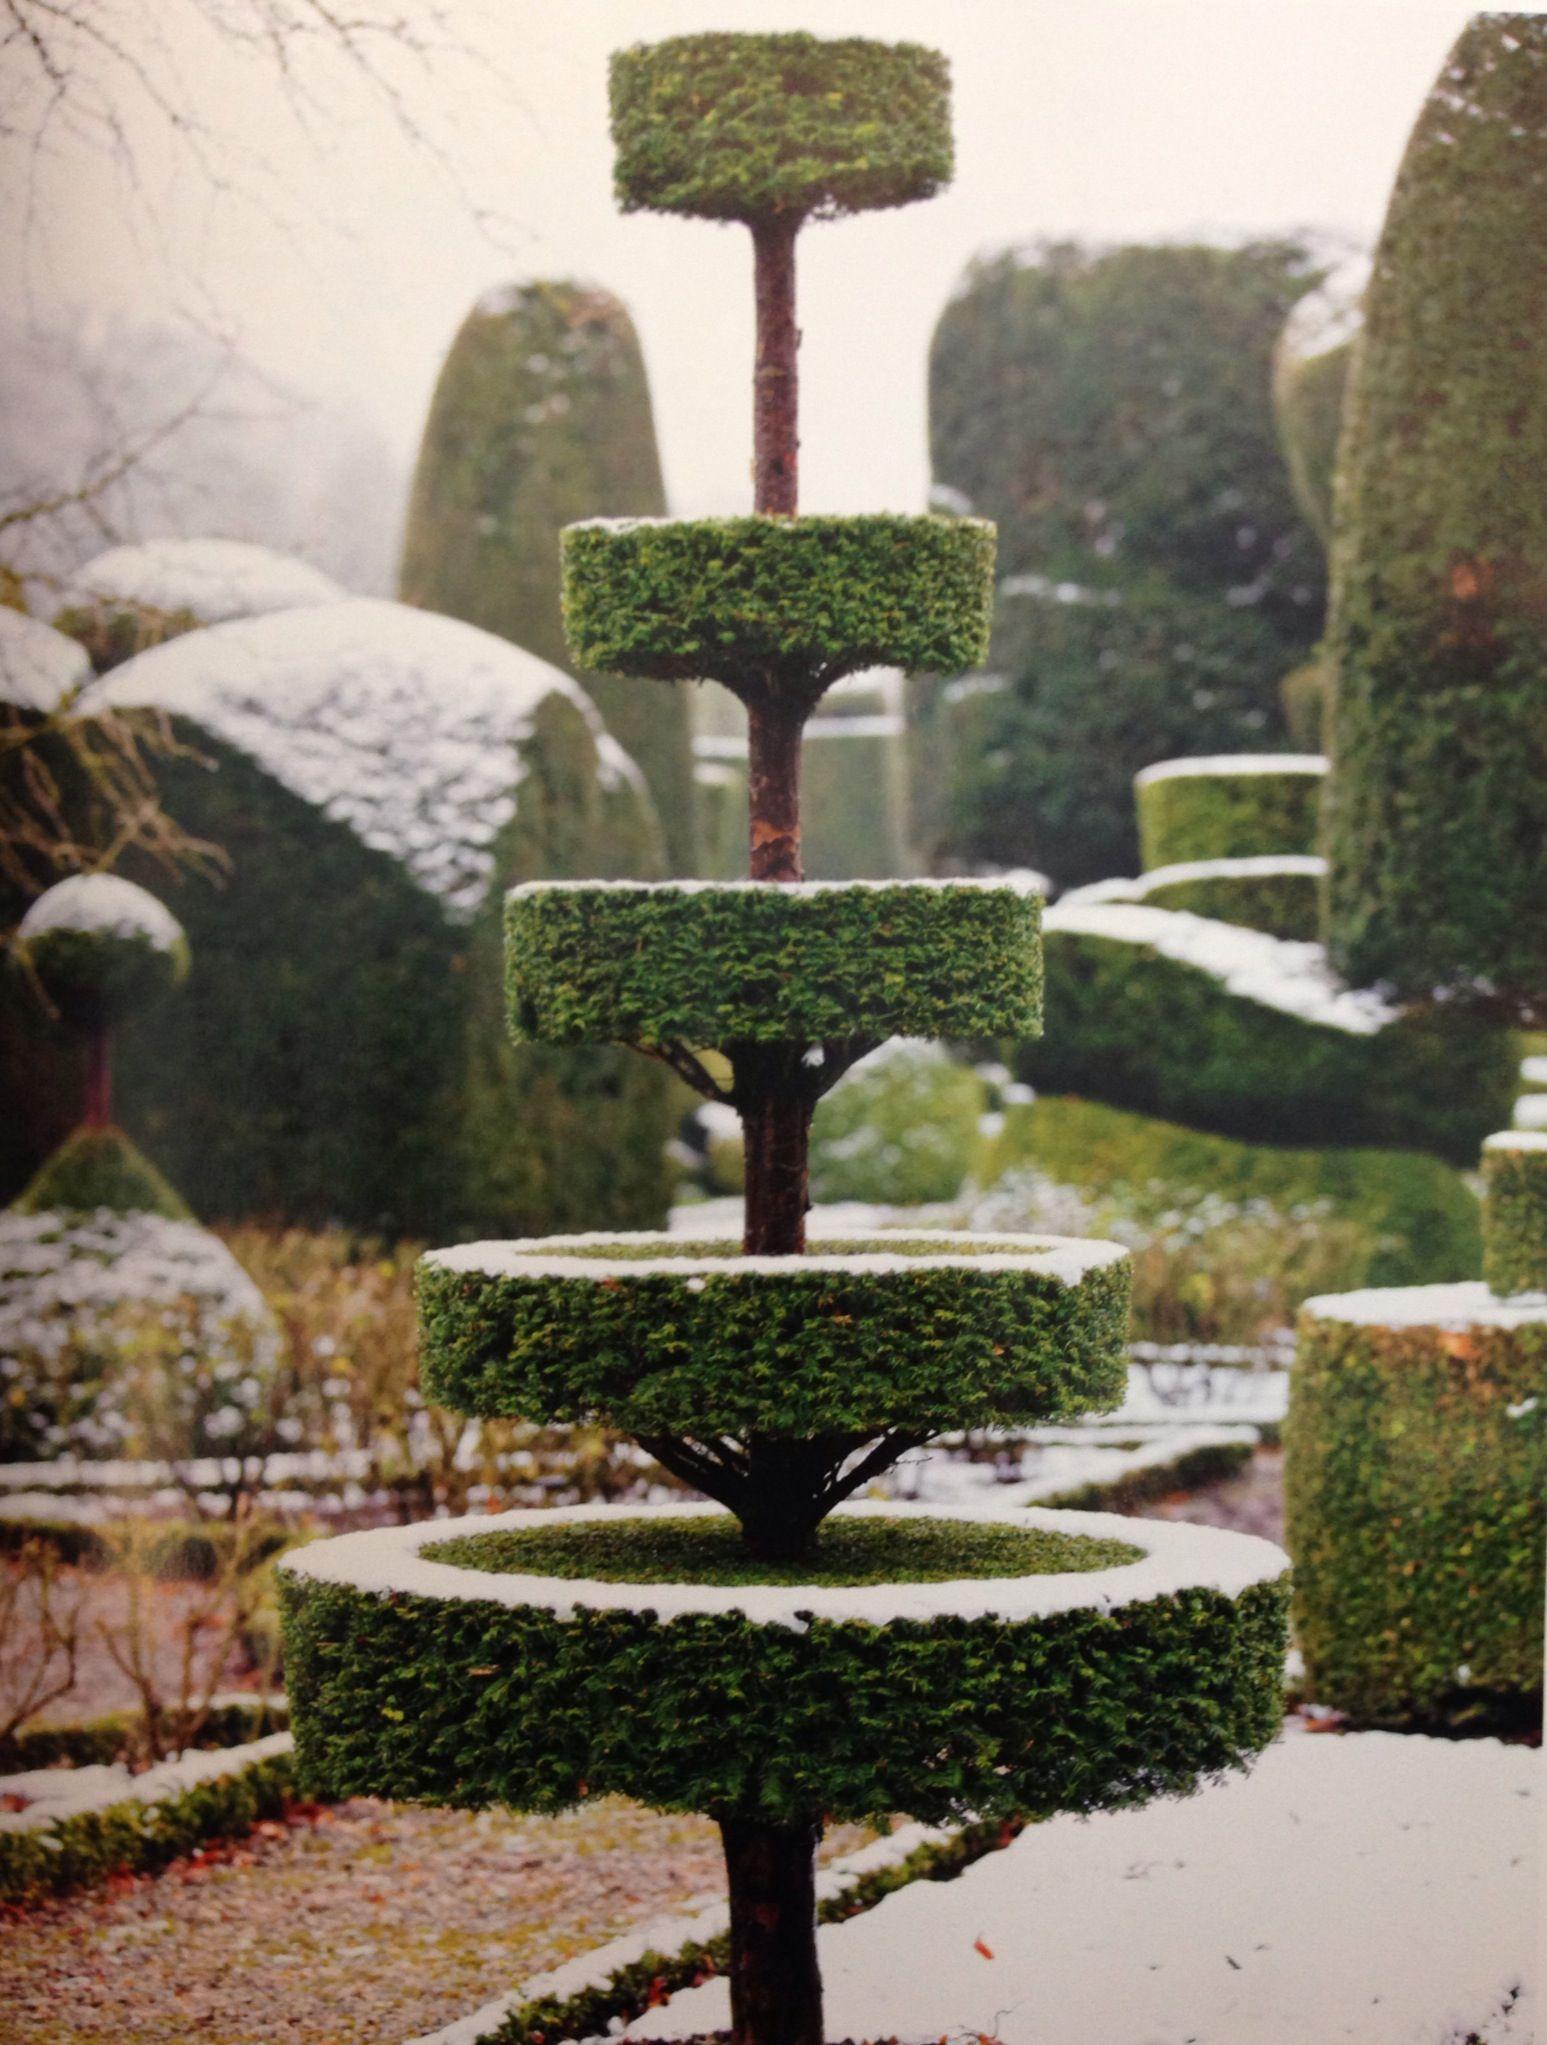 Topiary in winter pintando vida podar arboles rboles for Arboles ornamentales jardin